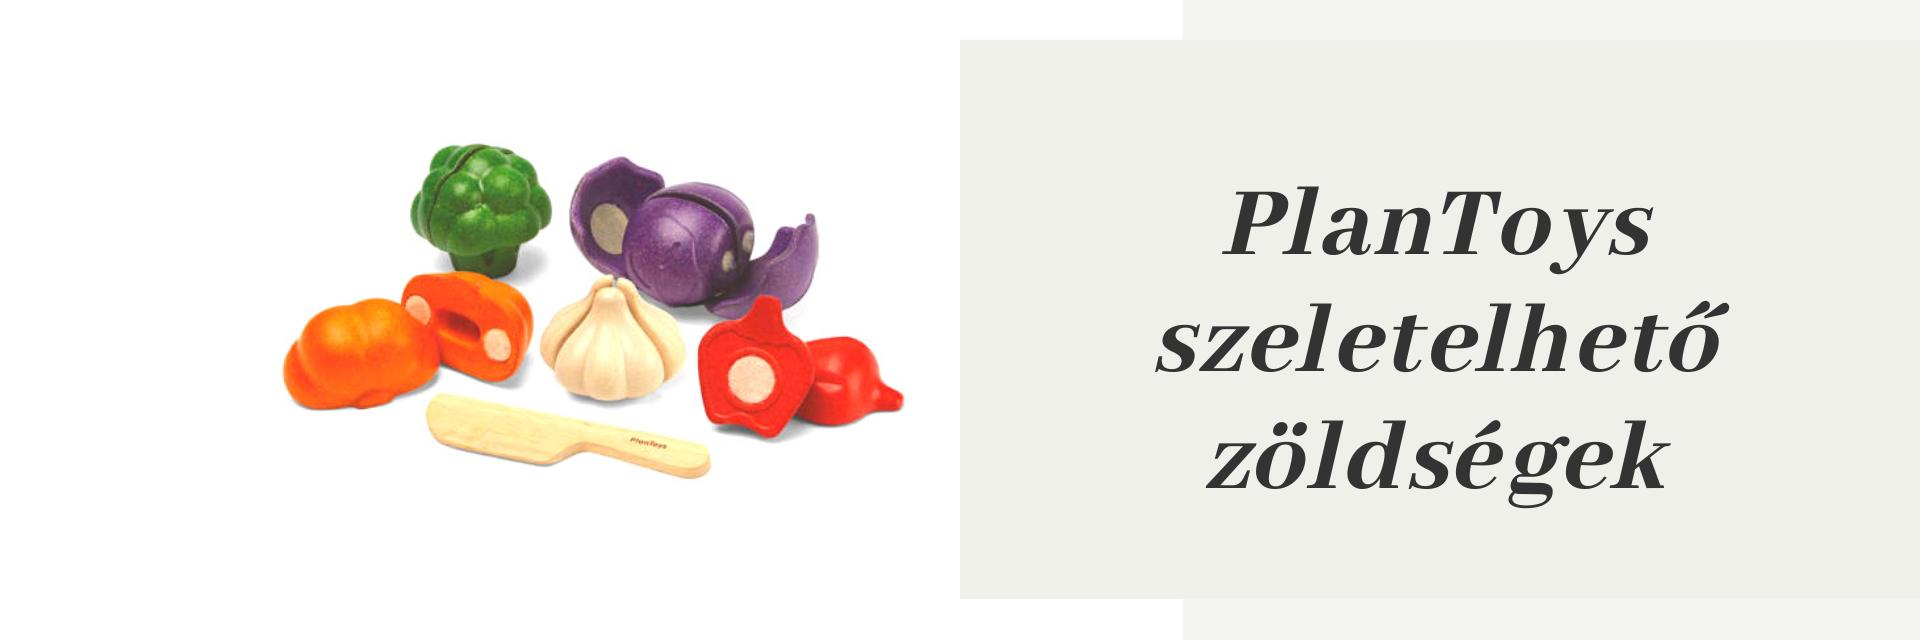 PlanToys zöldségek